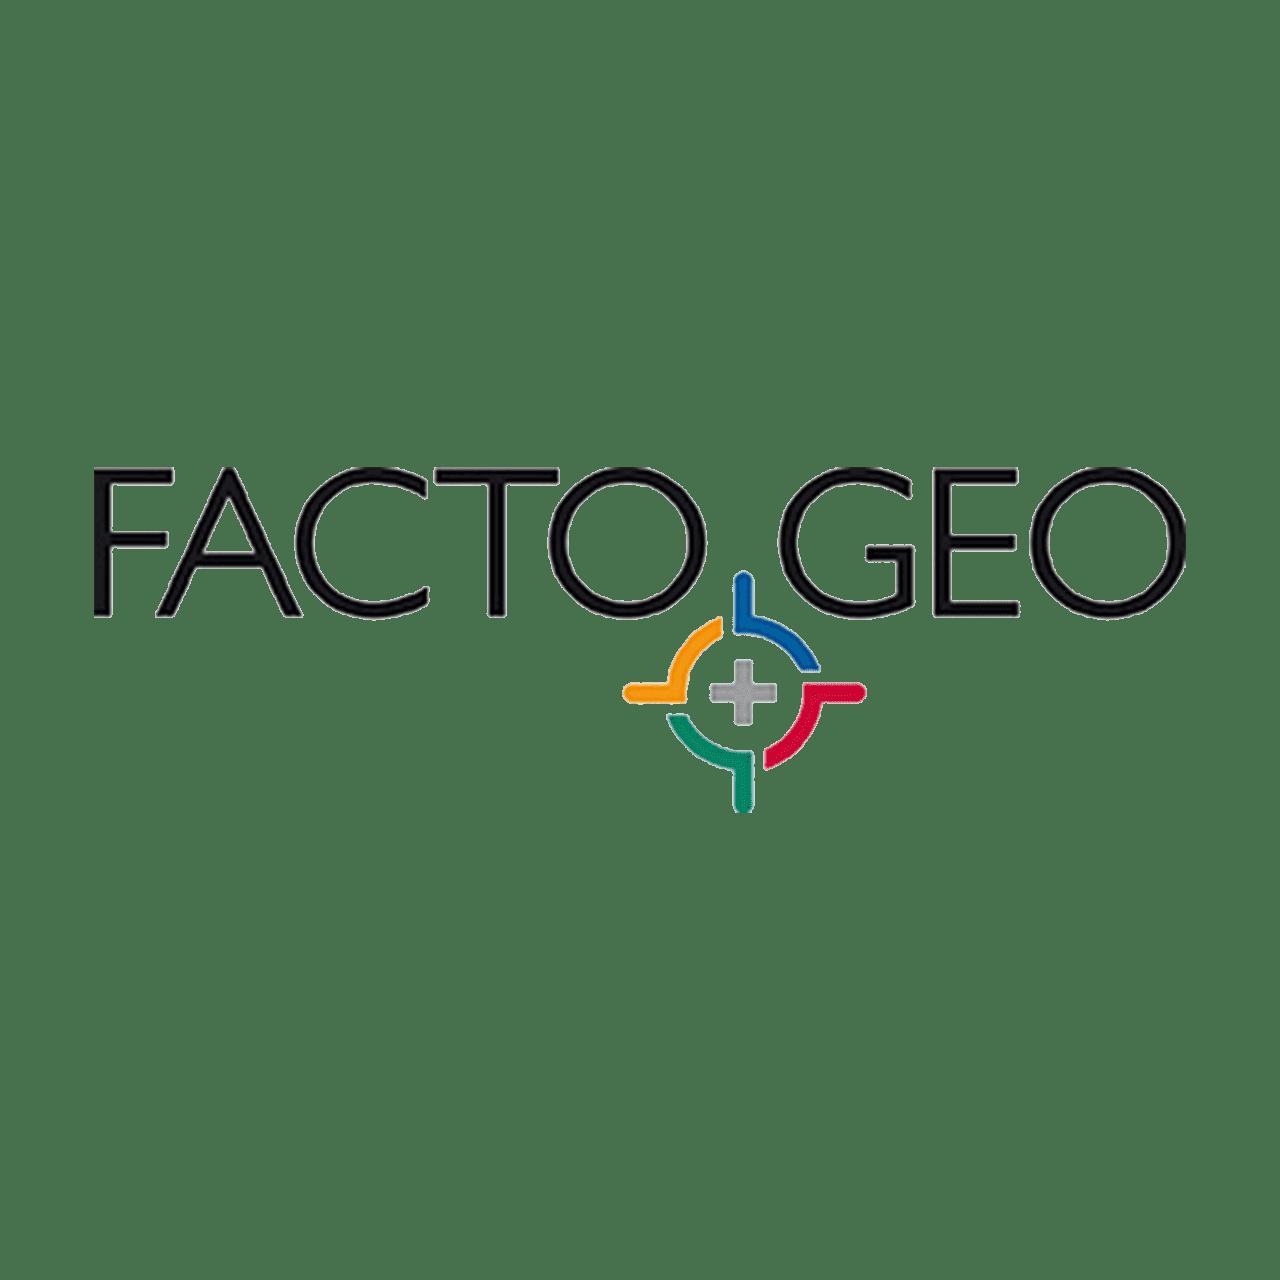 Facto Geo